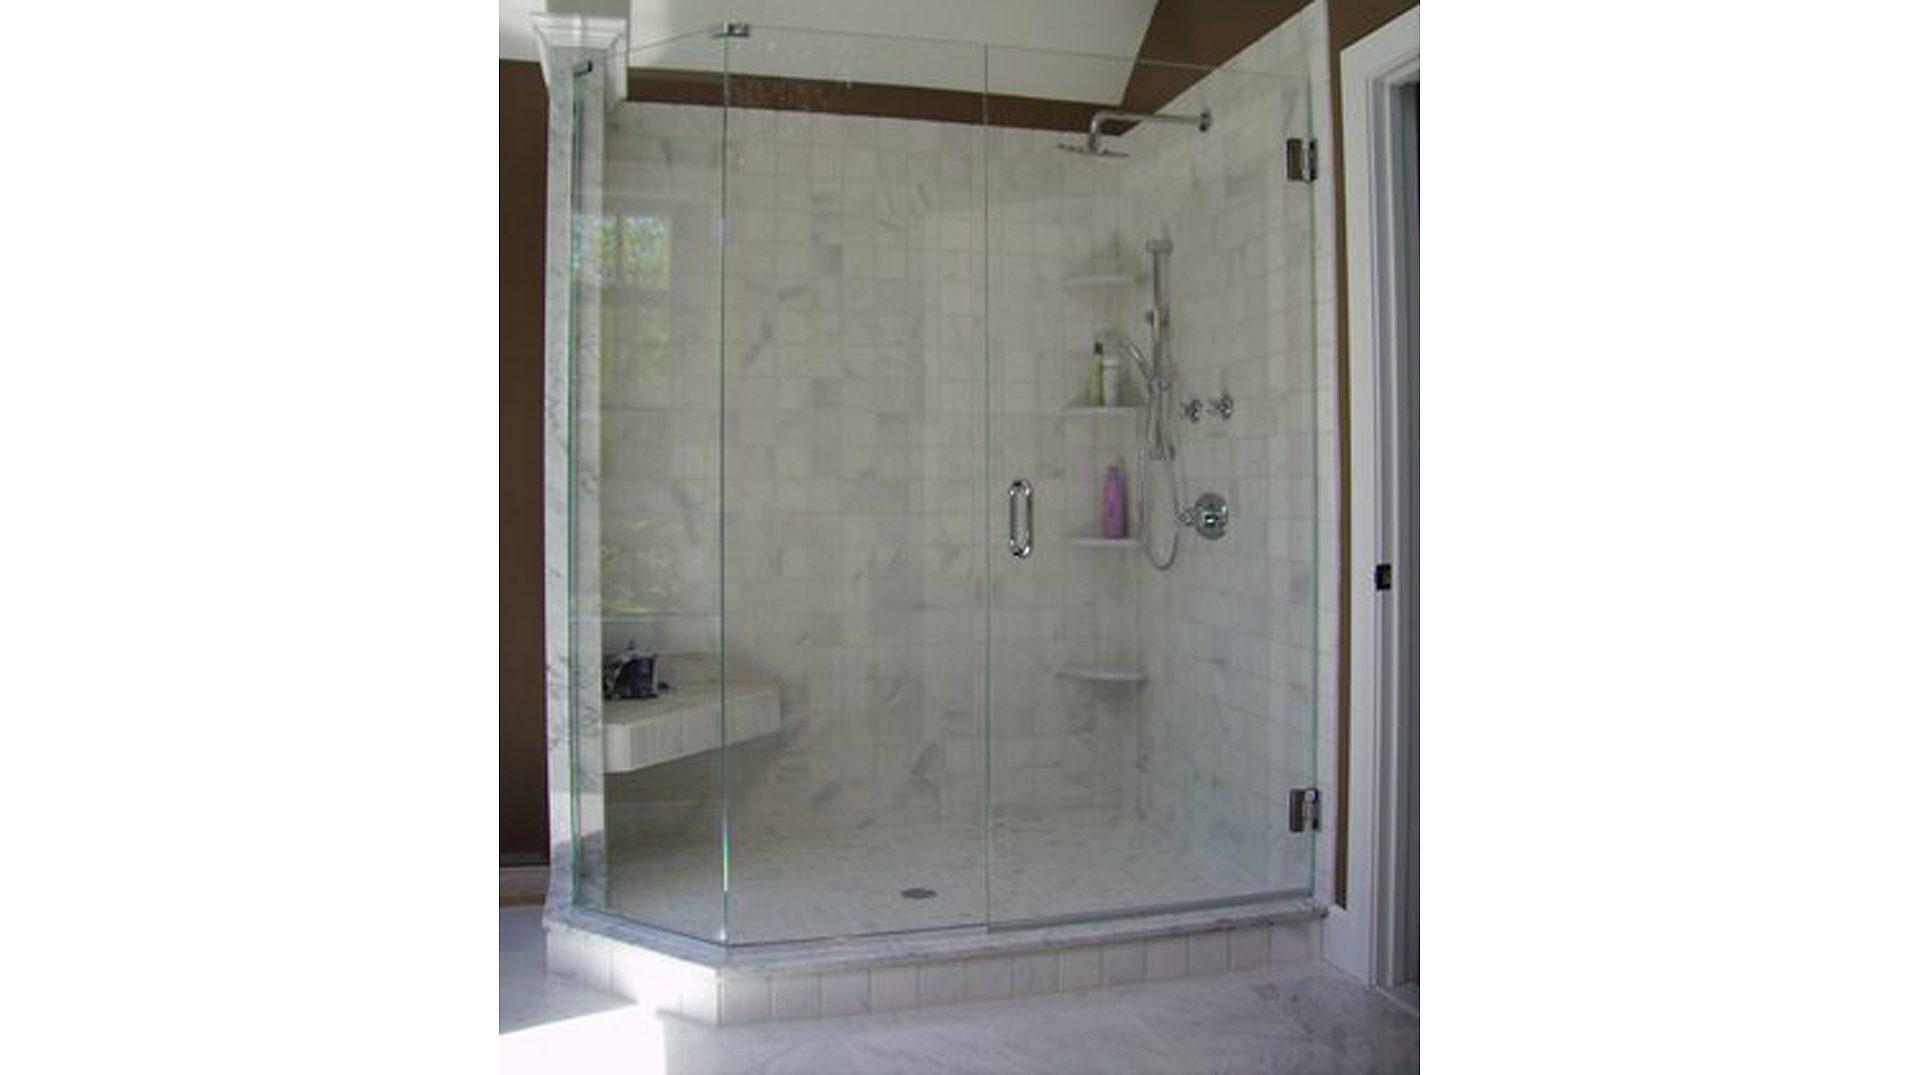 frameless shower doors for walk-in shower